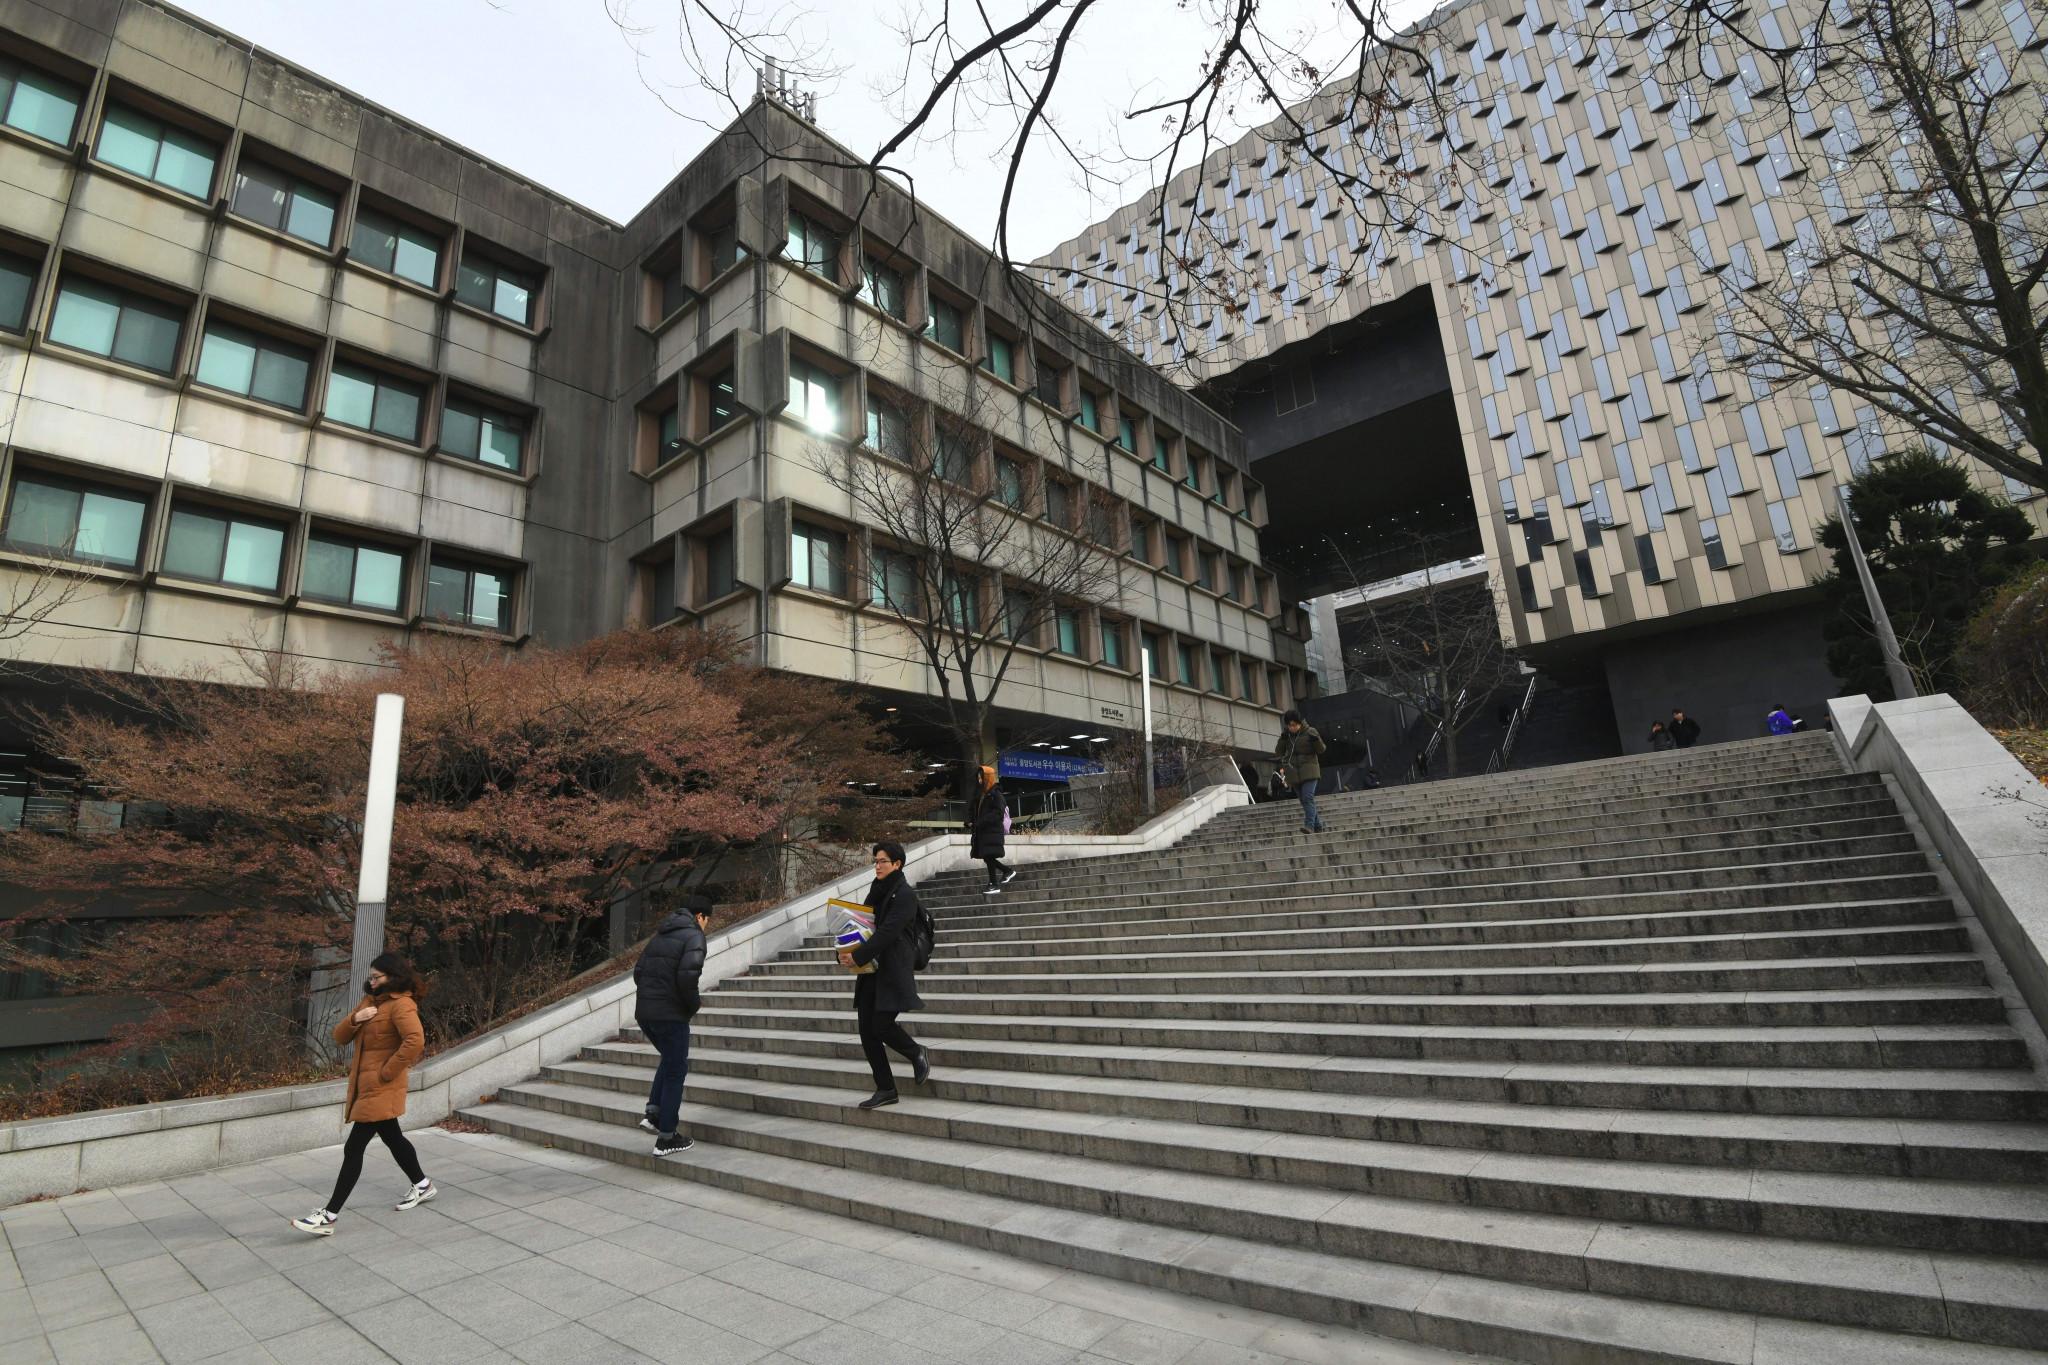 드림 투게더 마스터 프로그램은 한국의 서울 대학교에서 개최됩니다 © GettyImages